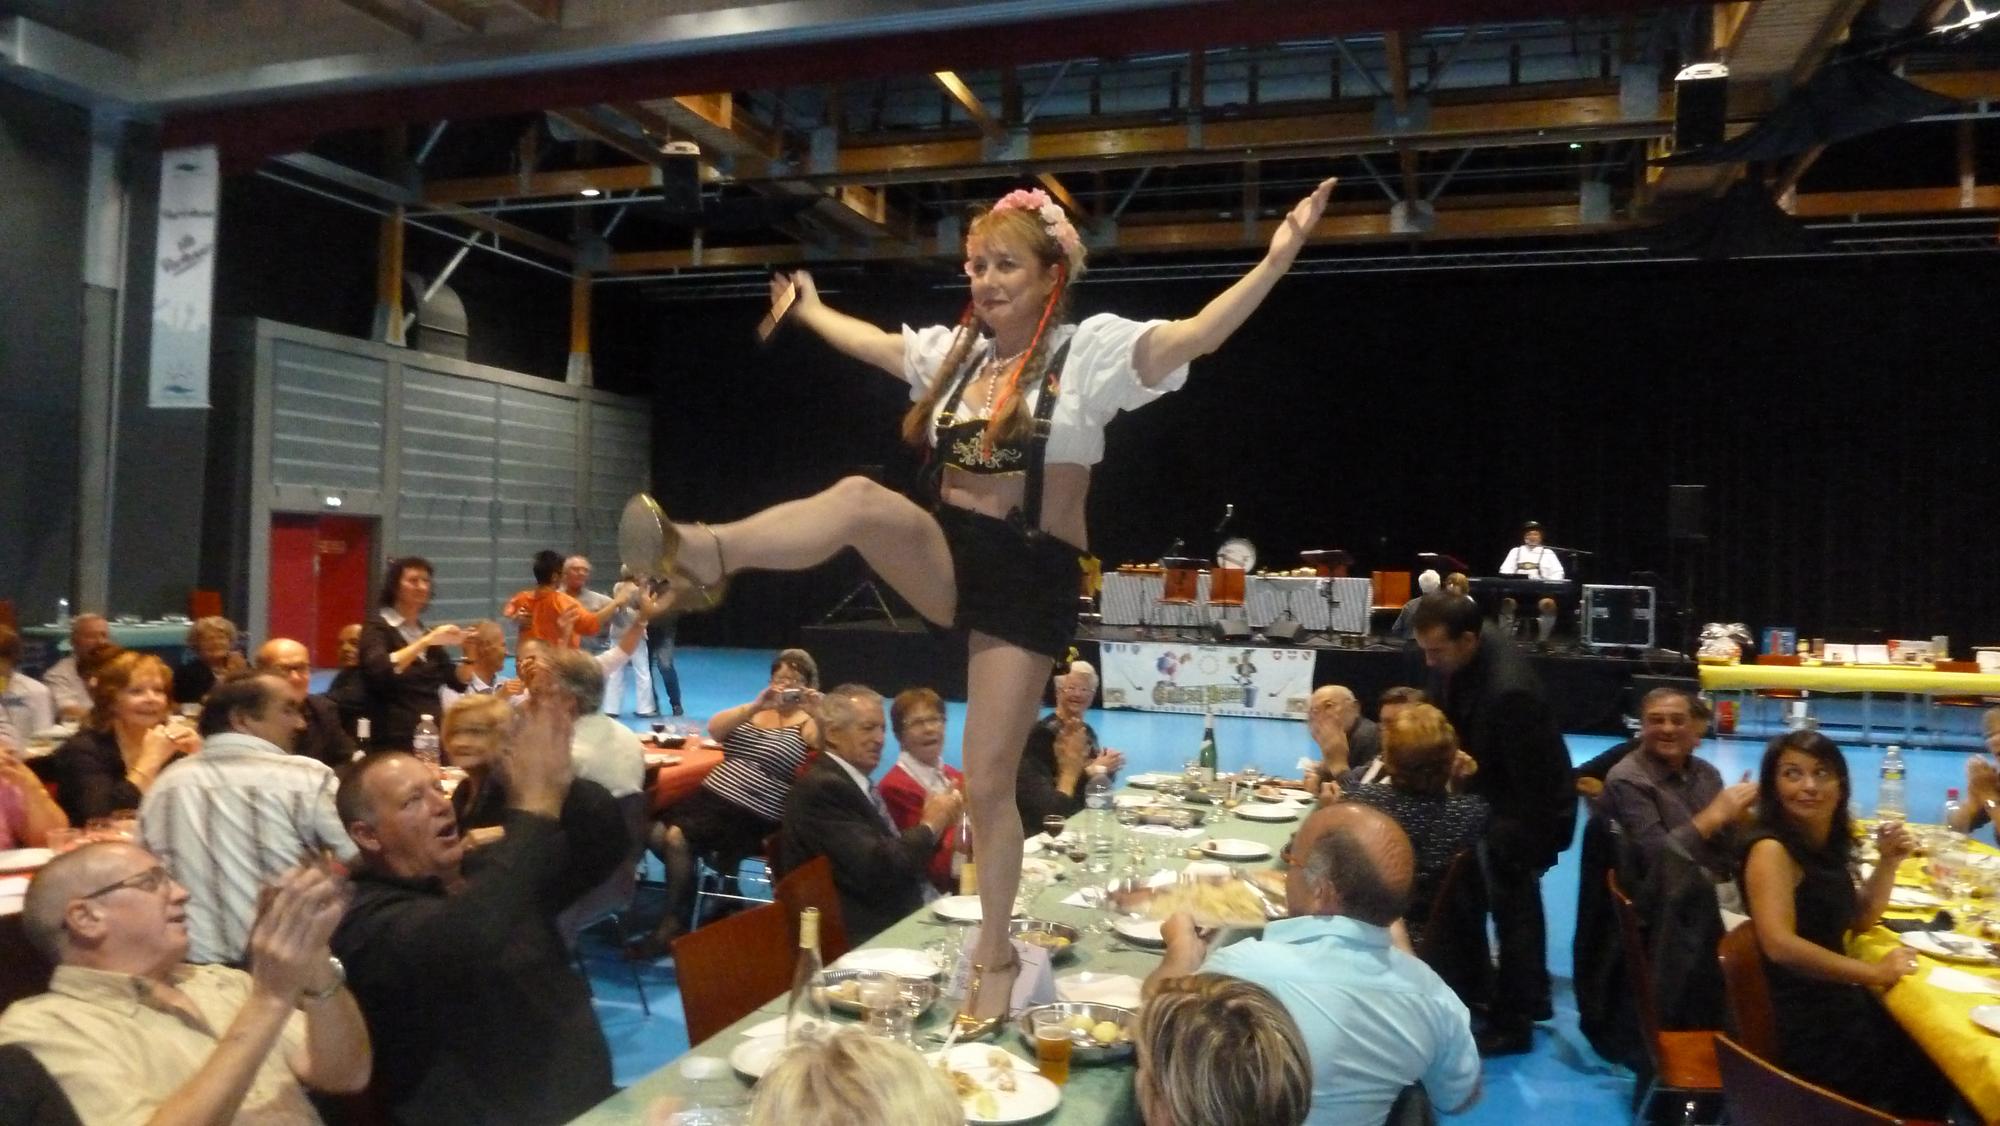 5 Lion's Club Pont à Mousson 29 septembre 2012 orchestre bavarois animation sur les tables